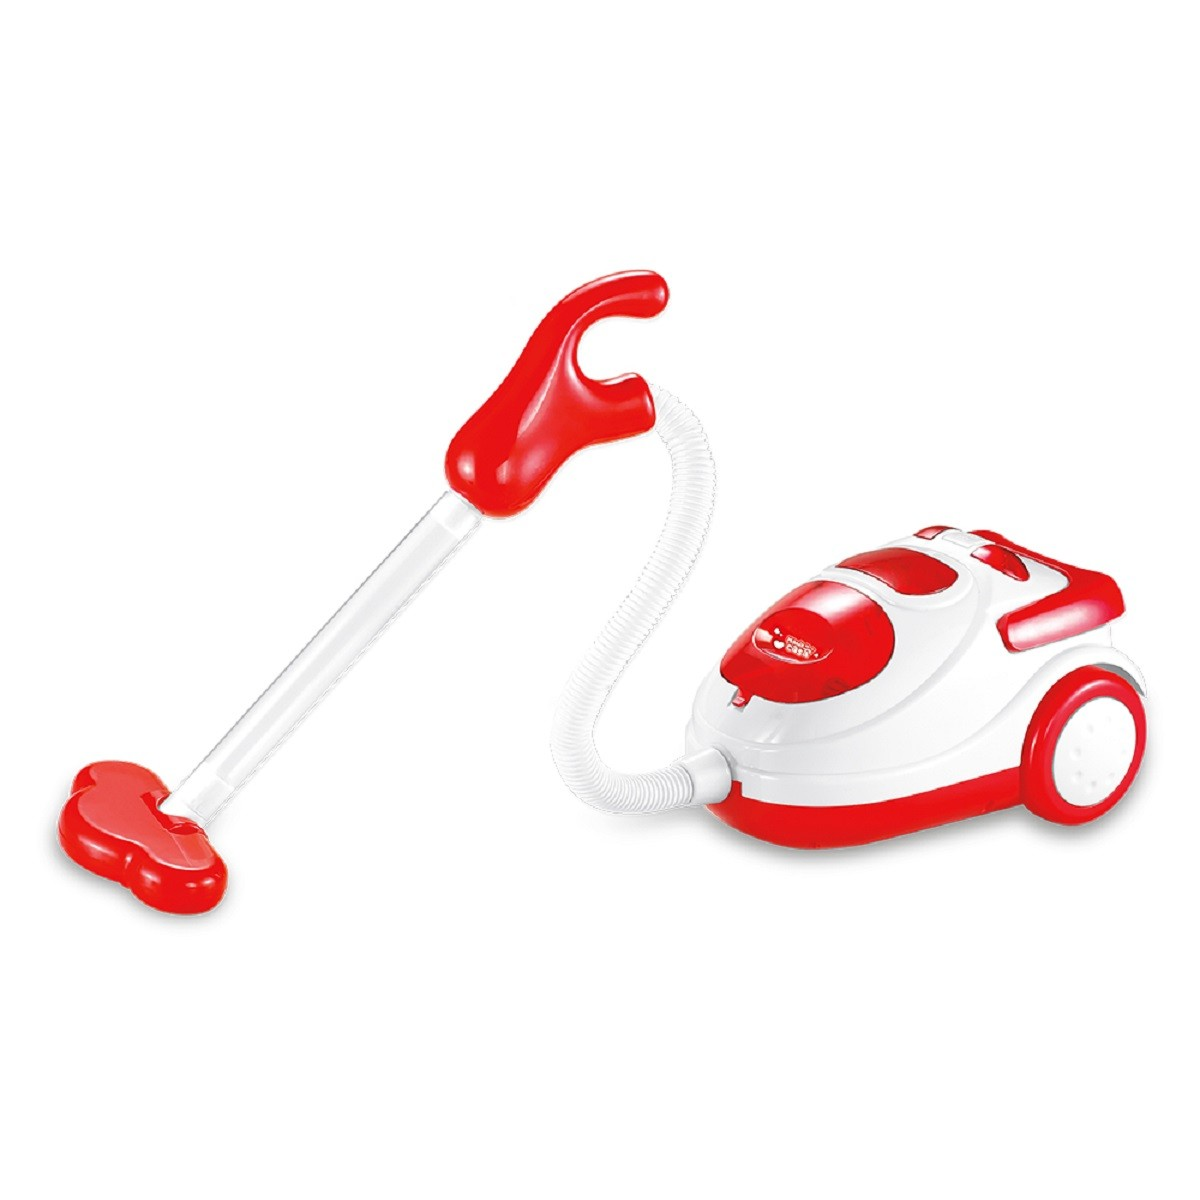 Brinquedo Infantil Faz De Conta MINI ASPIRADOR DE PÓ